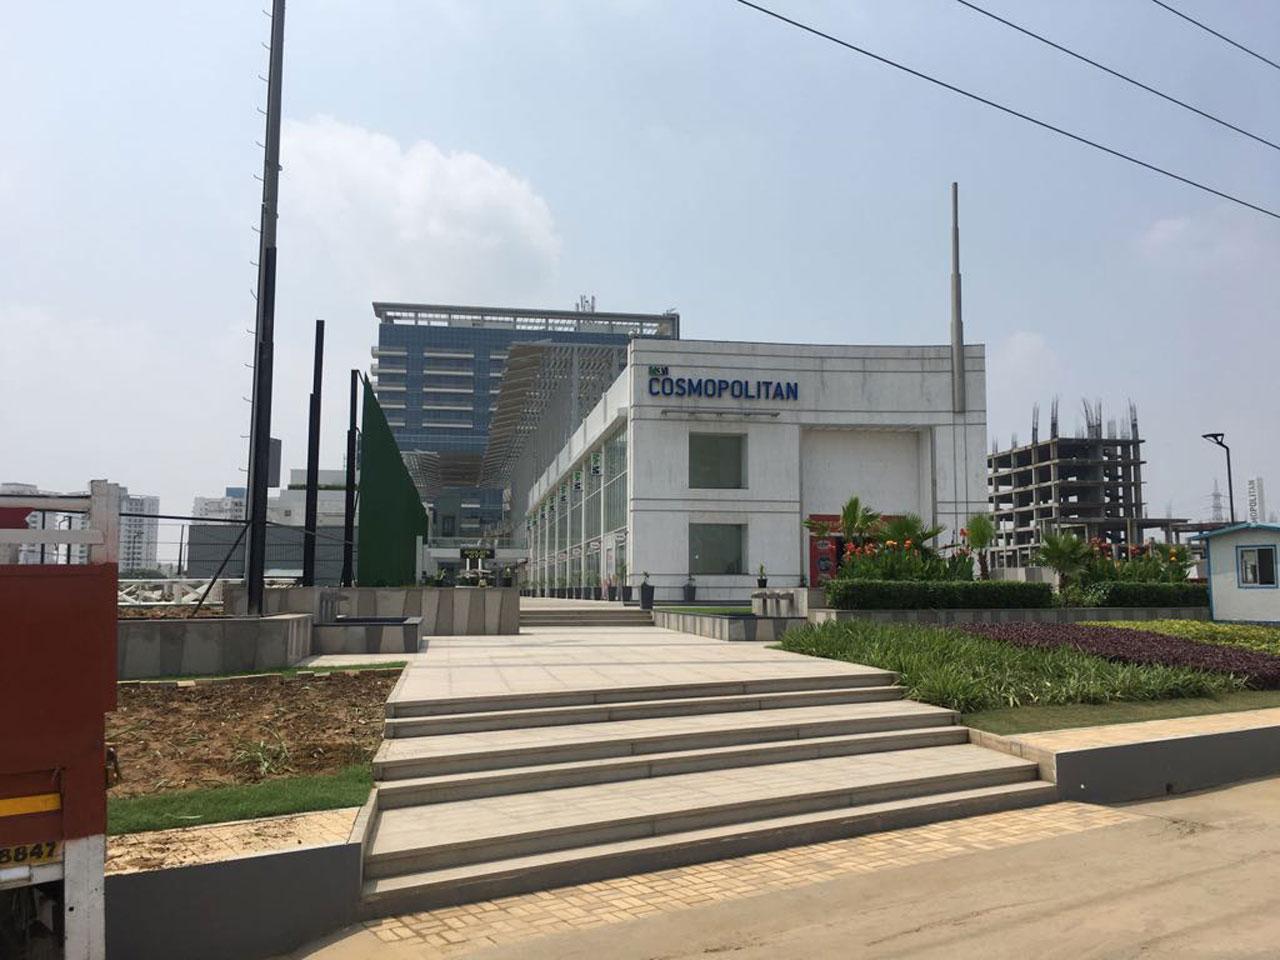 M3M Cosmopolitan, Gurgaon